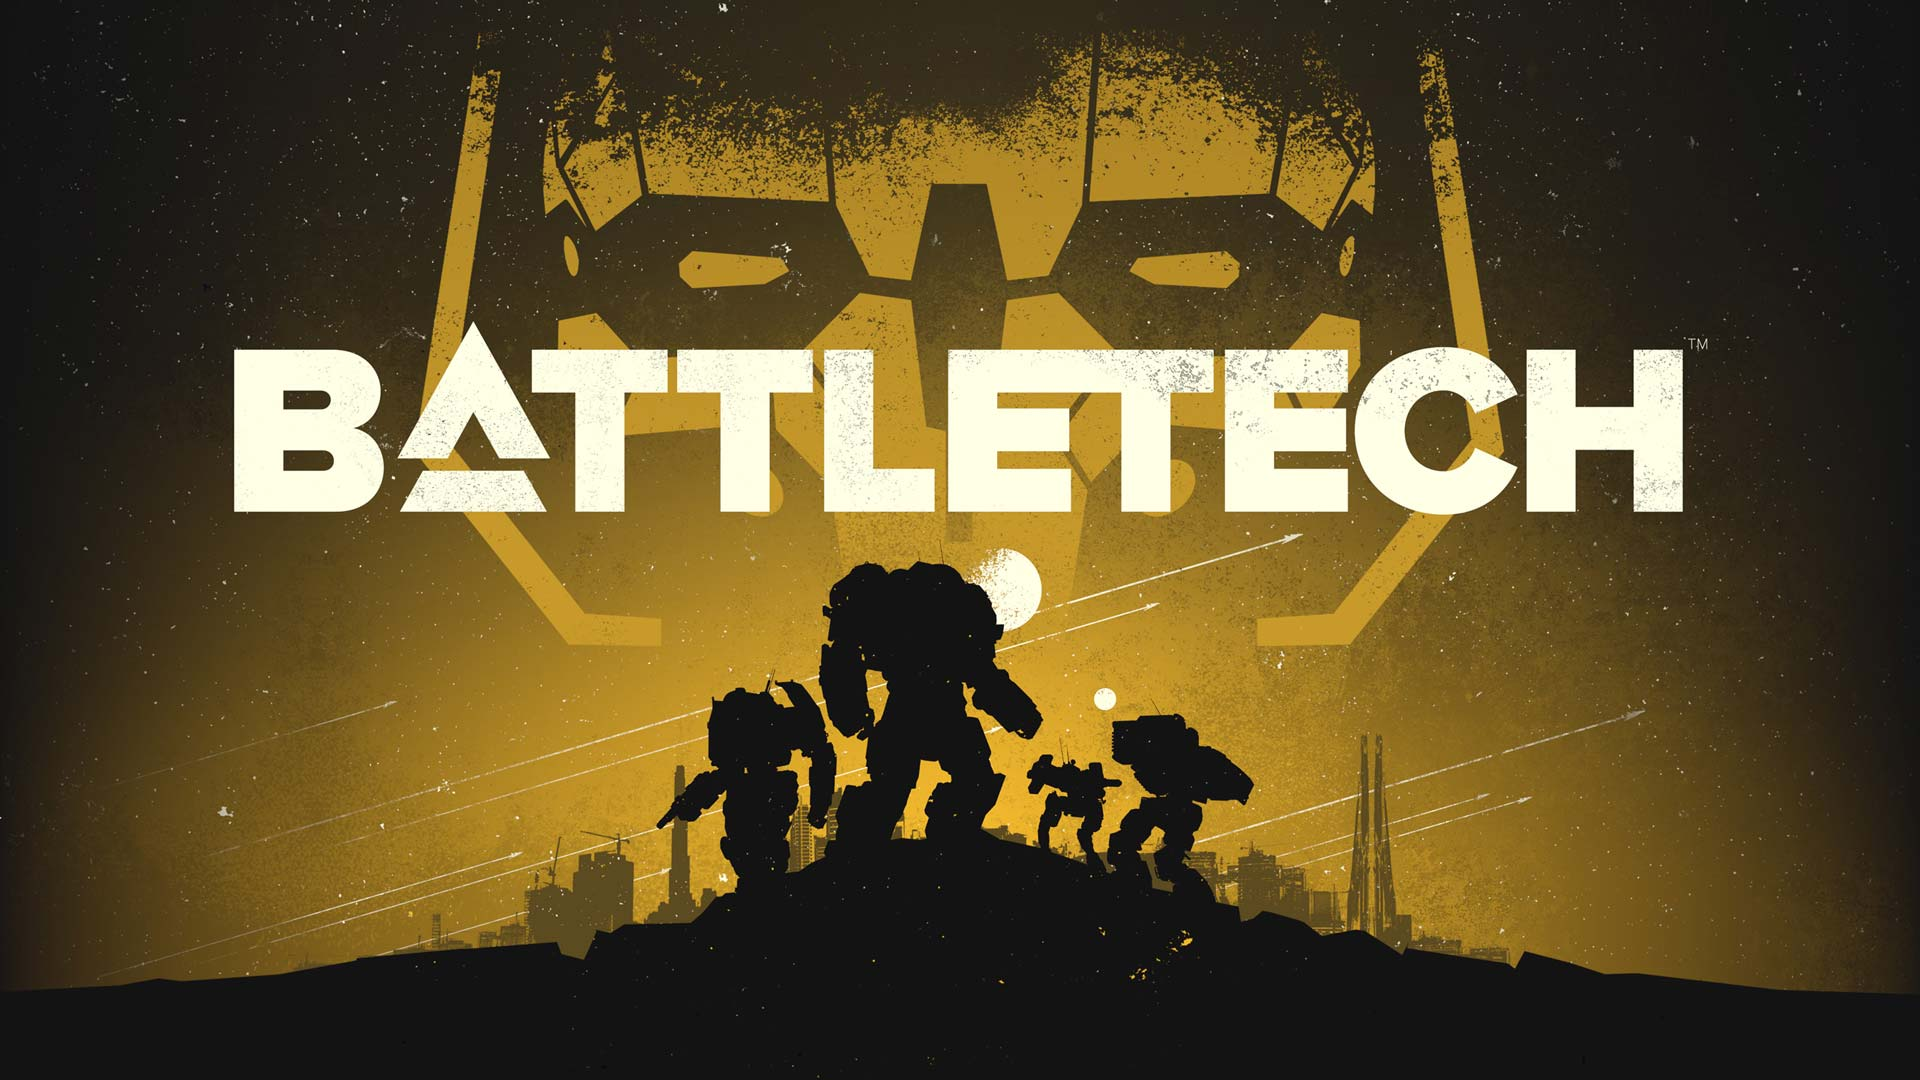 Battletech announces first DLC: Flashpoint